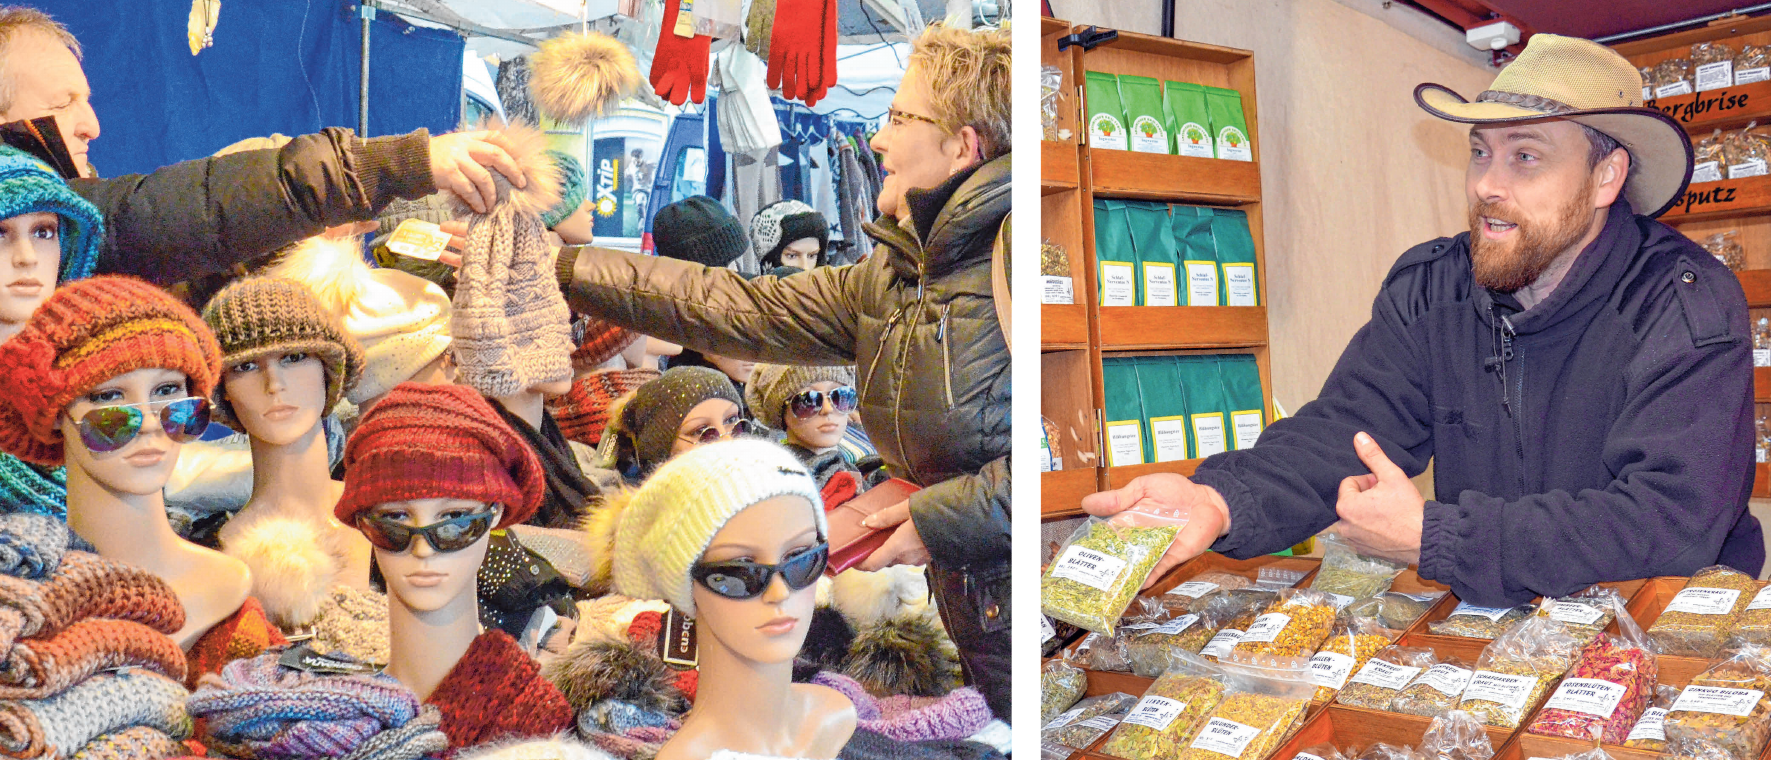 Zahlreiche Händler bieten ihre Waren zum Verkauf an. Die Produktvielfalt ist wie jedes Jahr sehr groß. FOTOS: STADT/ARCHIV